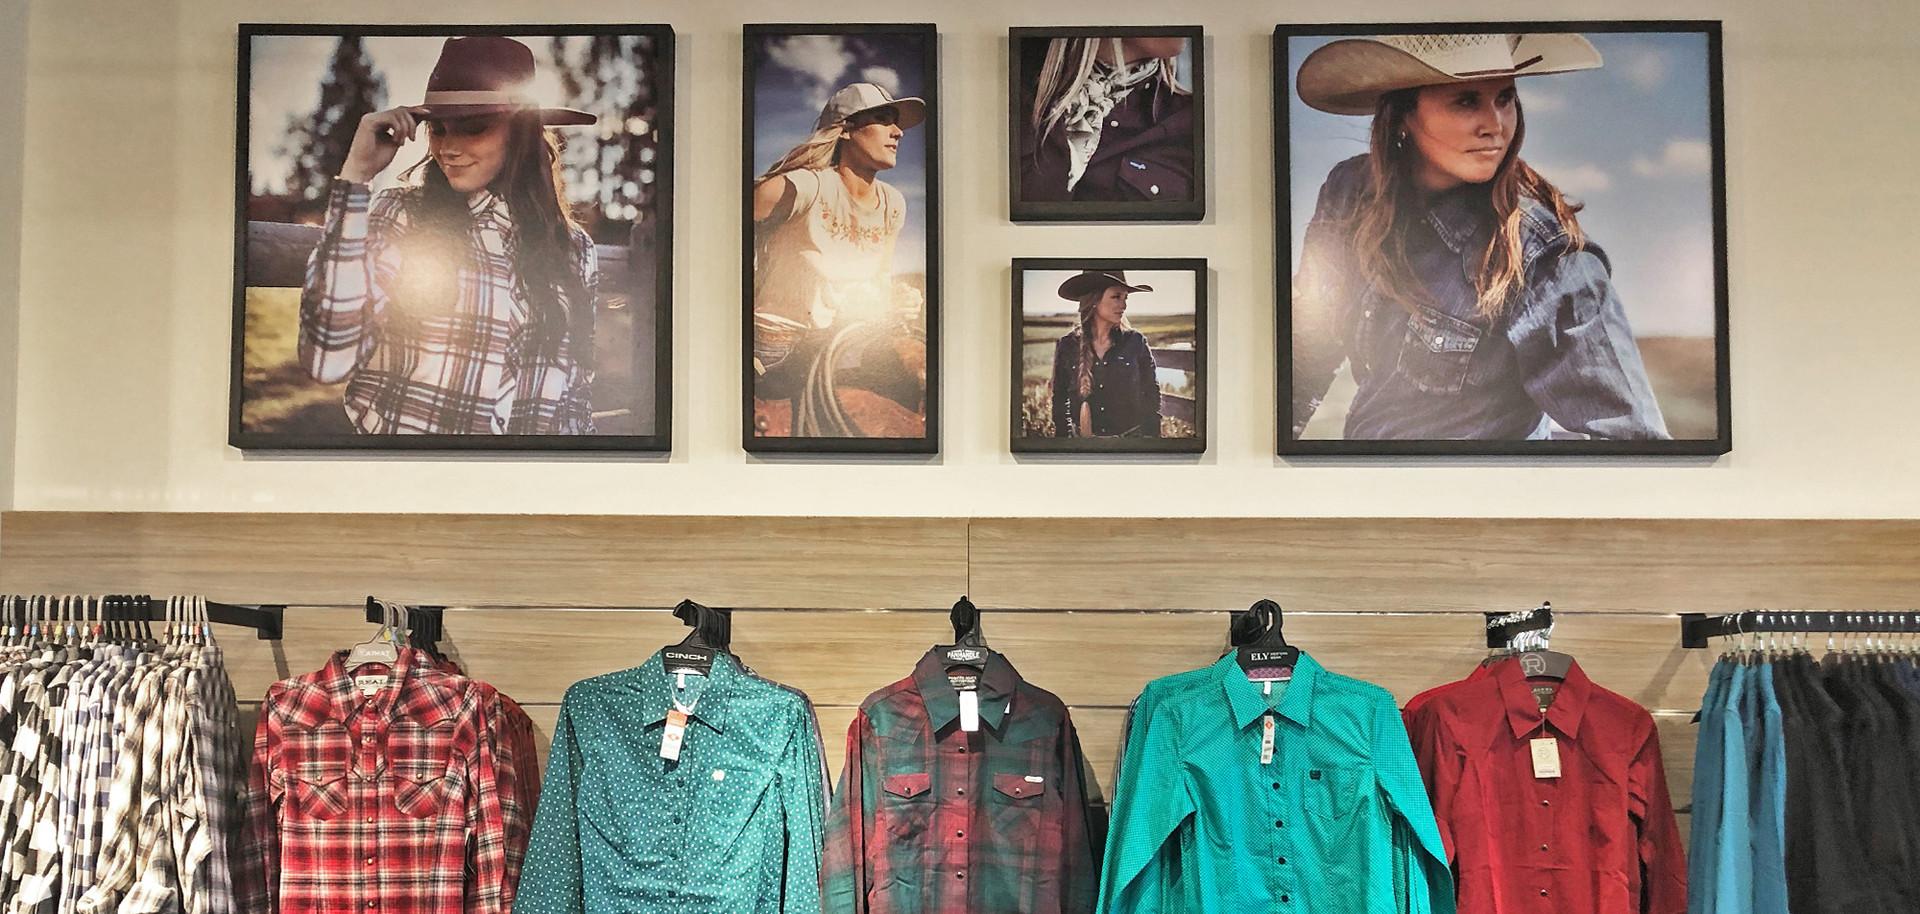 Lammle's women's shirt wall